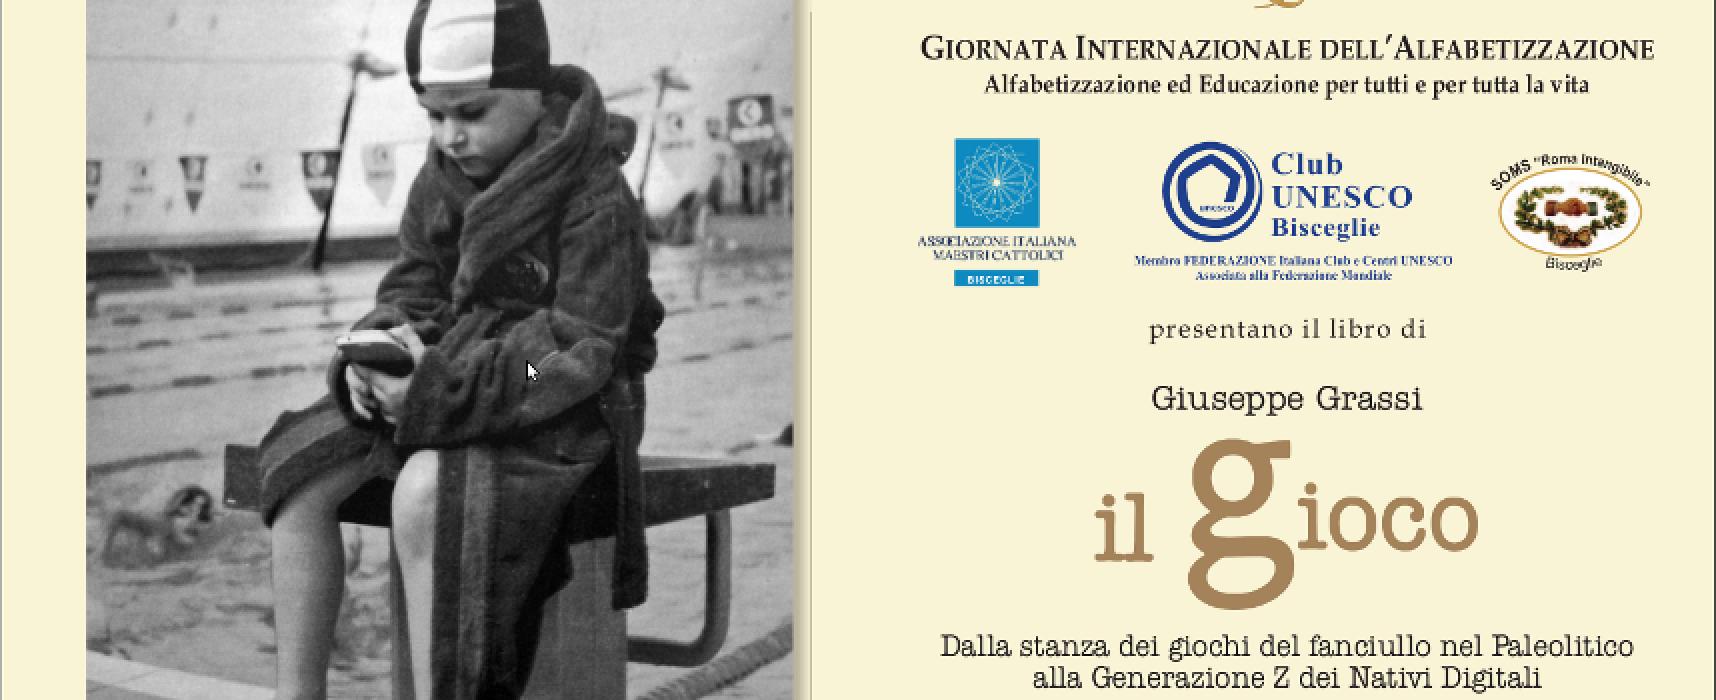 Giornata mondiale dell'alfabetizzazione, sabato 6 l'incontro promosso dal Club Unesco Bisceglie